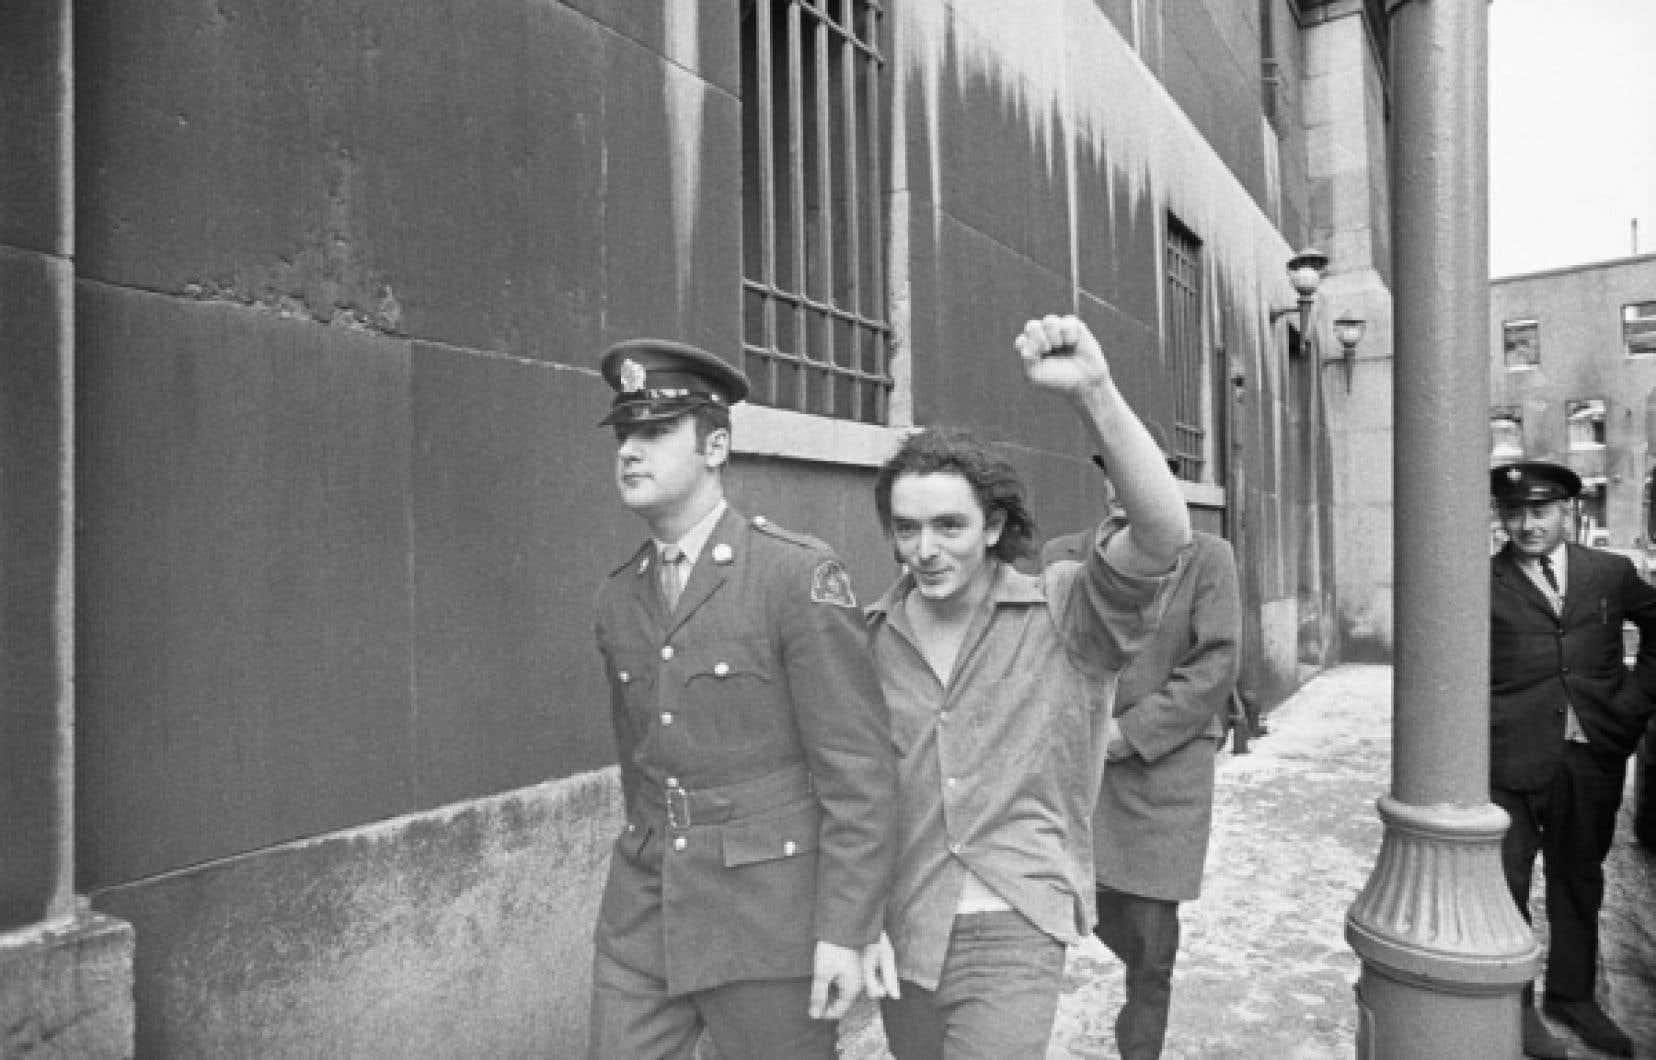 Le 7 janvier 1971, le felquiste Bernard Lortie arrive au palais de justice pour subir son procès. Comme les autres membres de la cellule Chénier, responsable de l'enlèvement de Pierre Laporte, il lève le poing, signe de leur détermination à poursuivre sa lutte.<br />